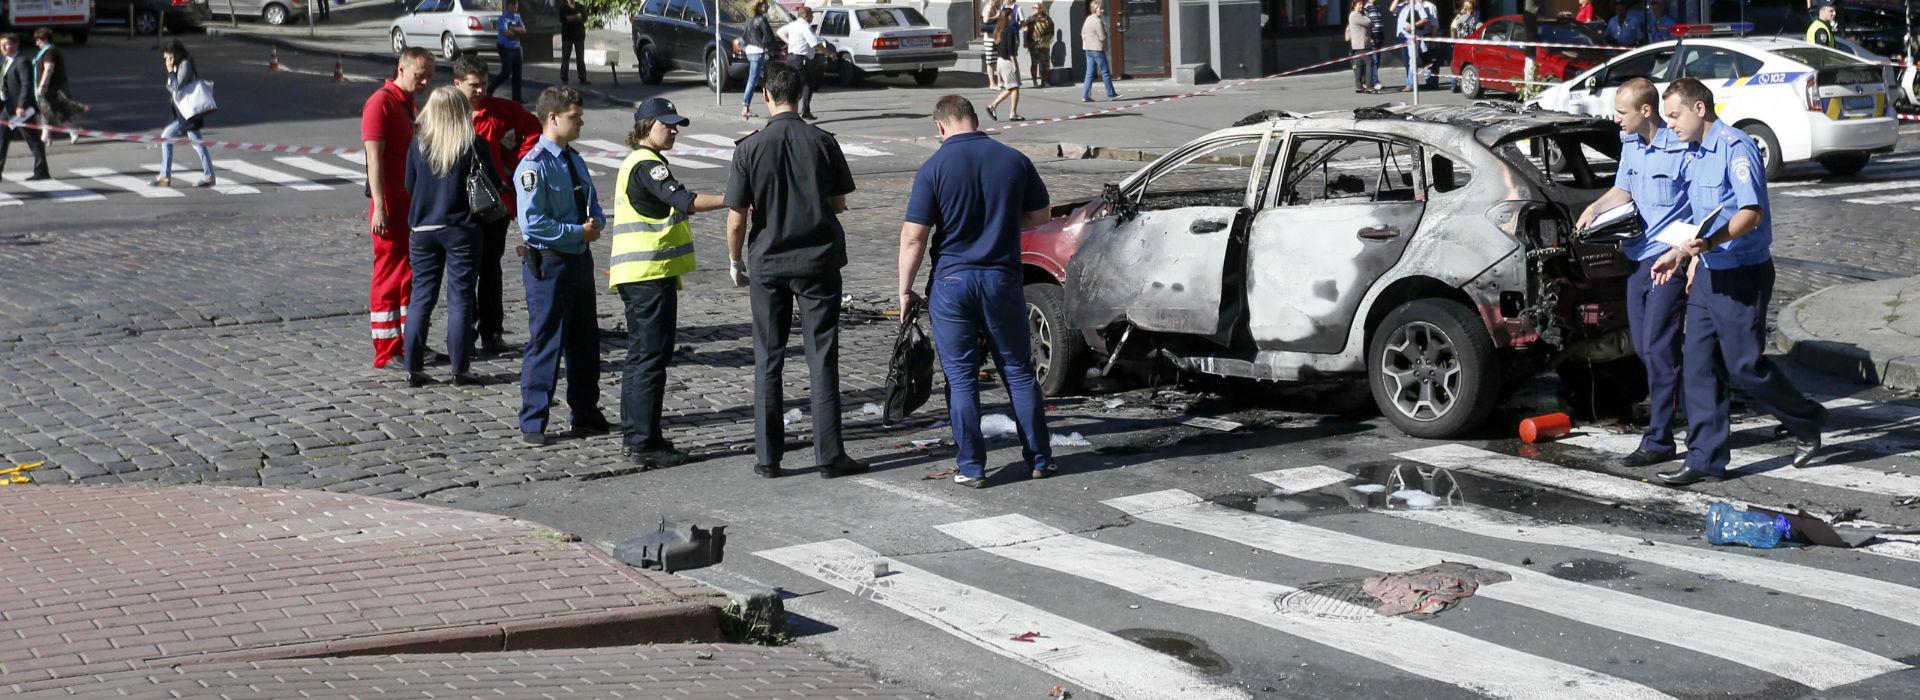 Kijów: wybuch w samochodzie, to był zamach. Nie żyje znany dziennikarz Paweł Szeremet